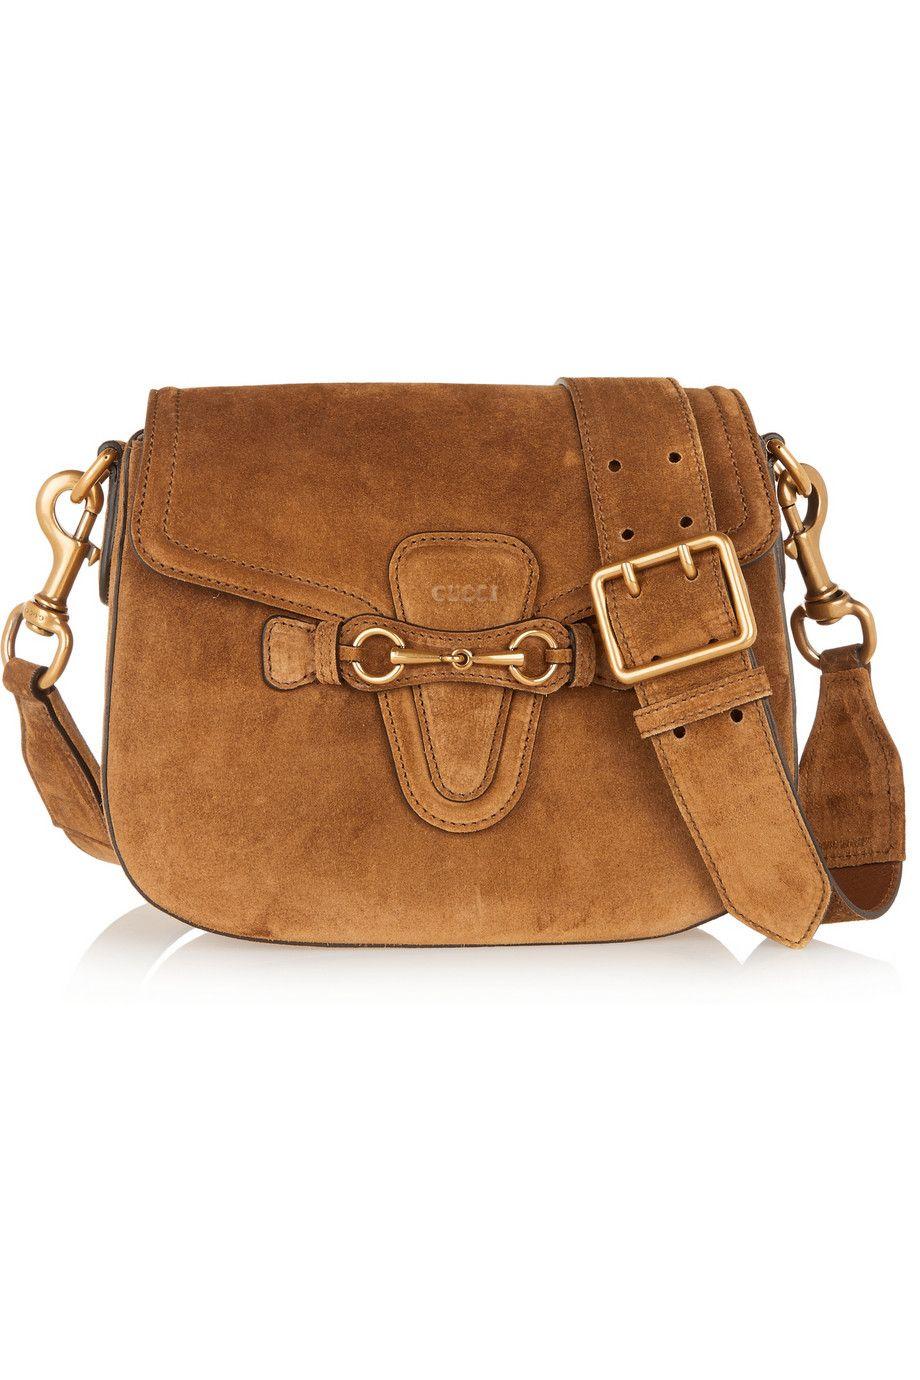 Gucci Lady Web Medium Suede Shoulder Bag